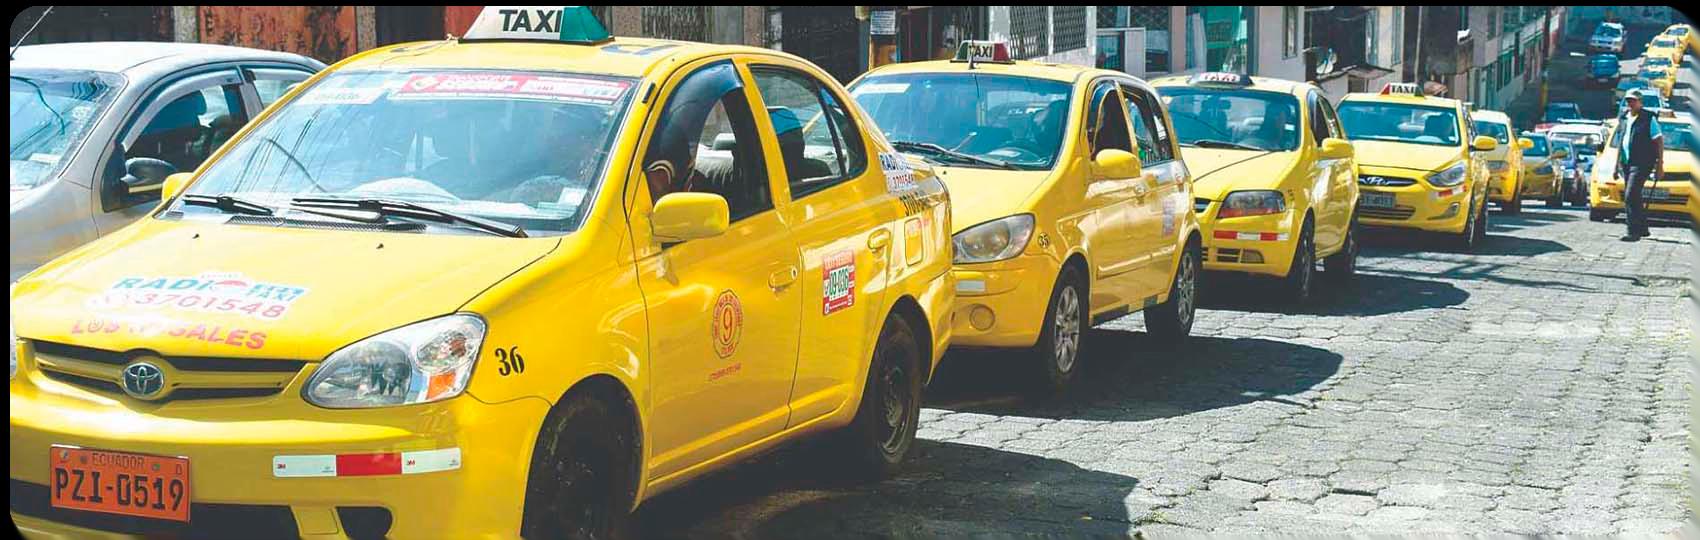 Taxi República Dominicana